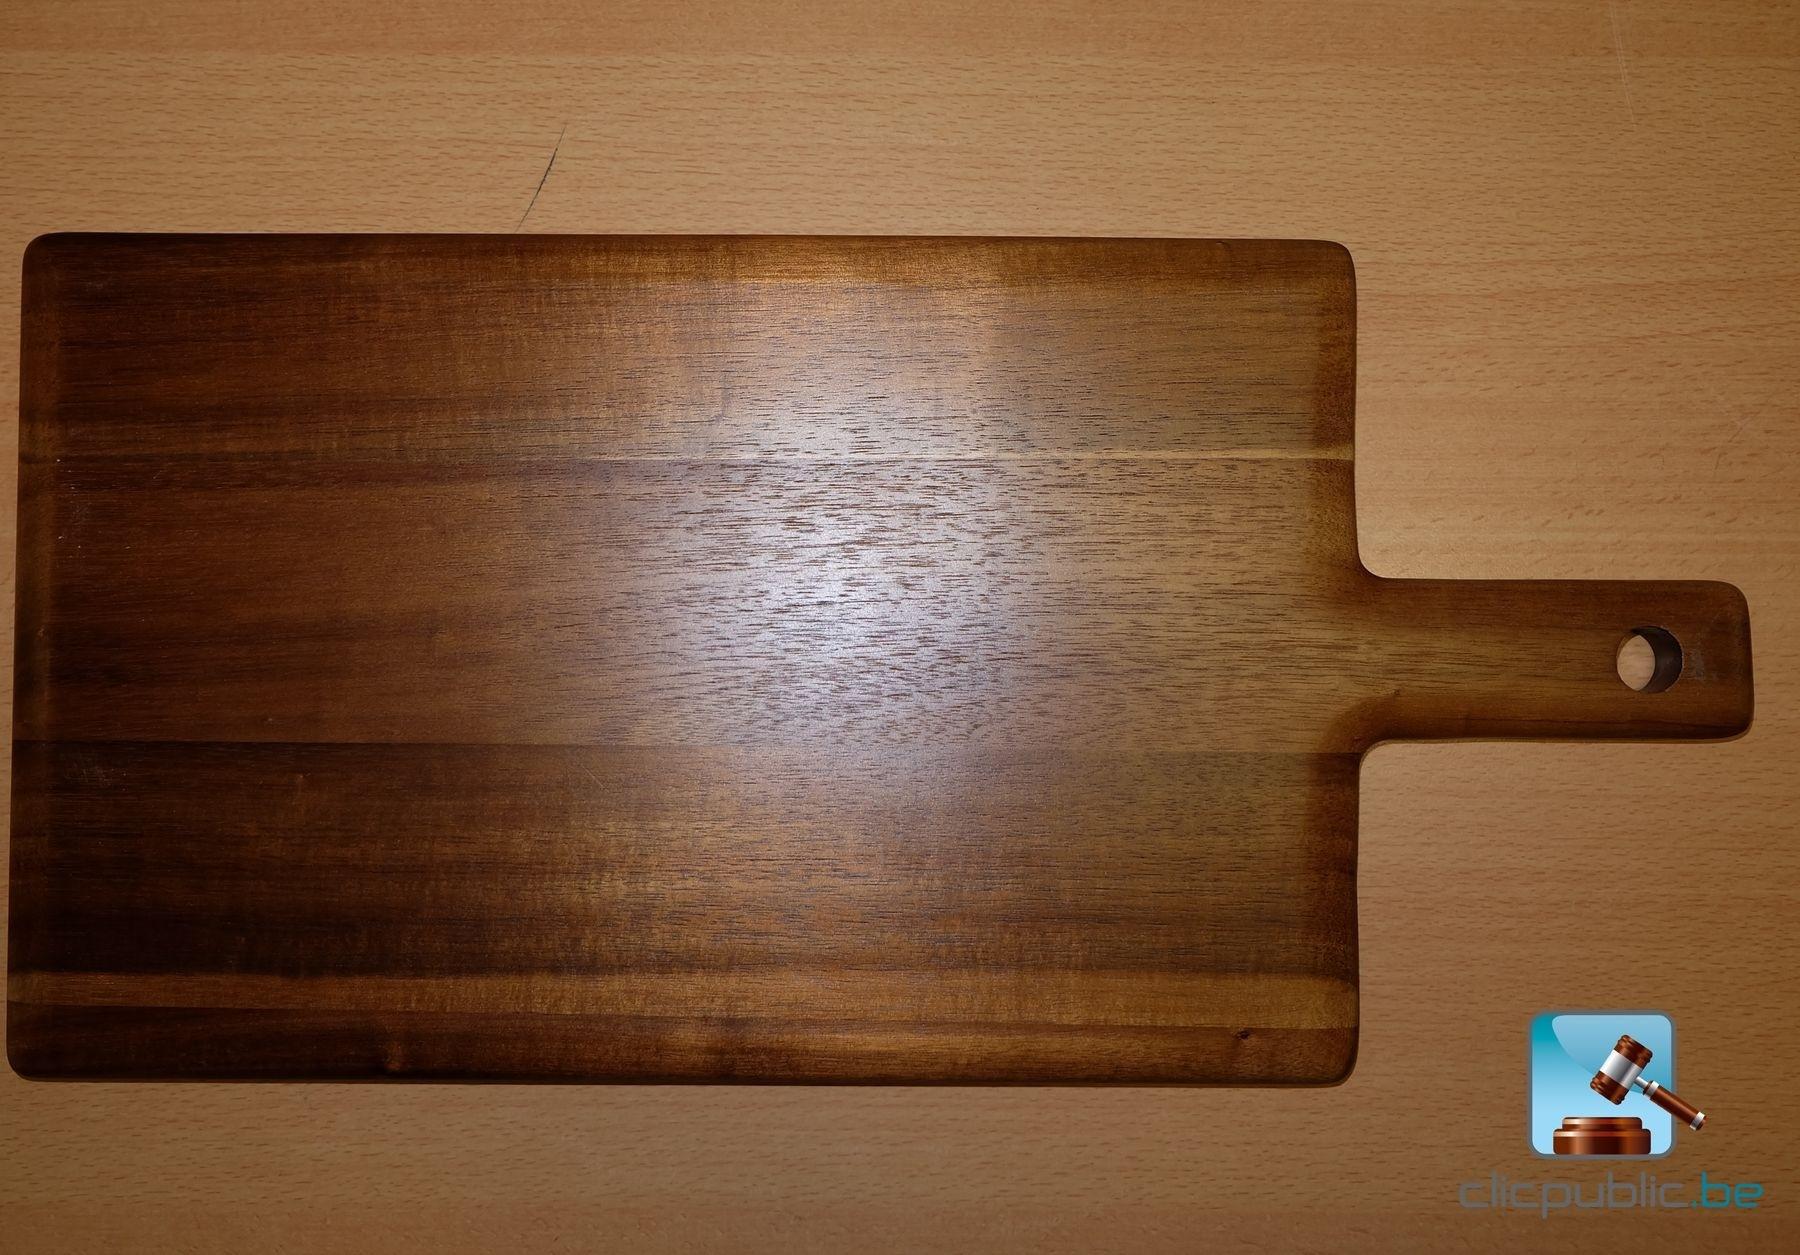 planche de d coupe en bois 6 ustensiles de cuisine ref 7016 231 vendre sur. Black Bedroom Furniture Sets. Home Design Ideas